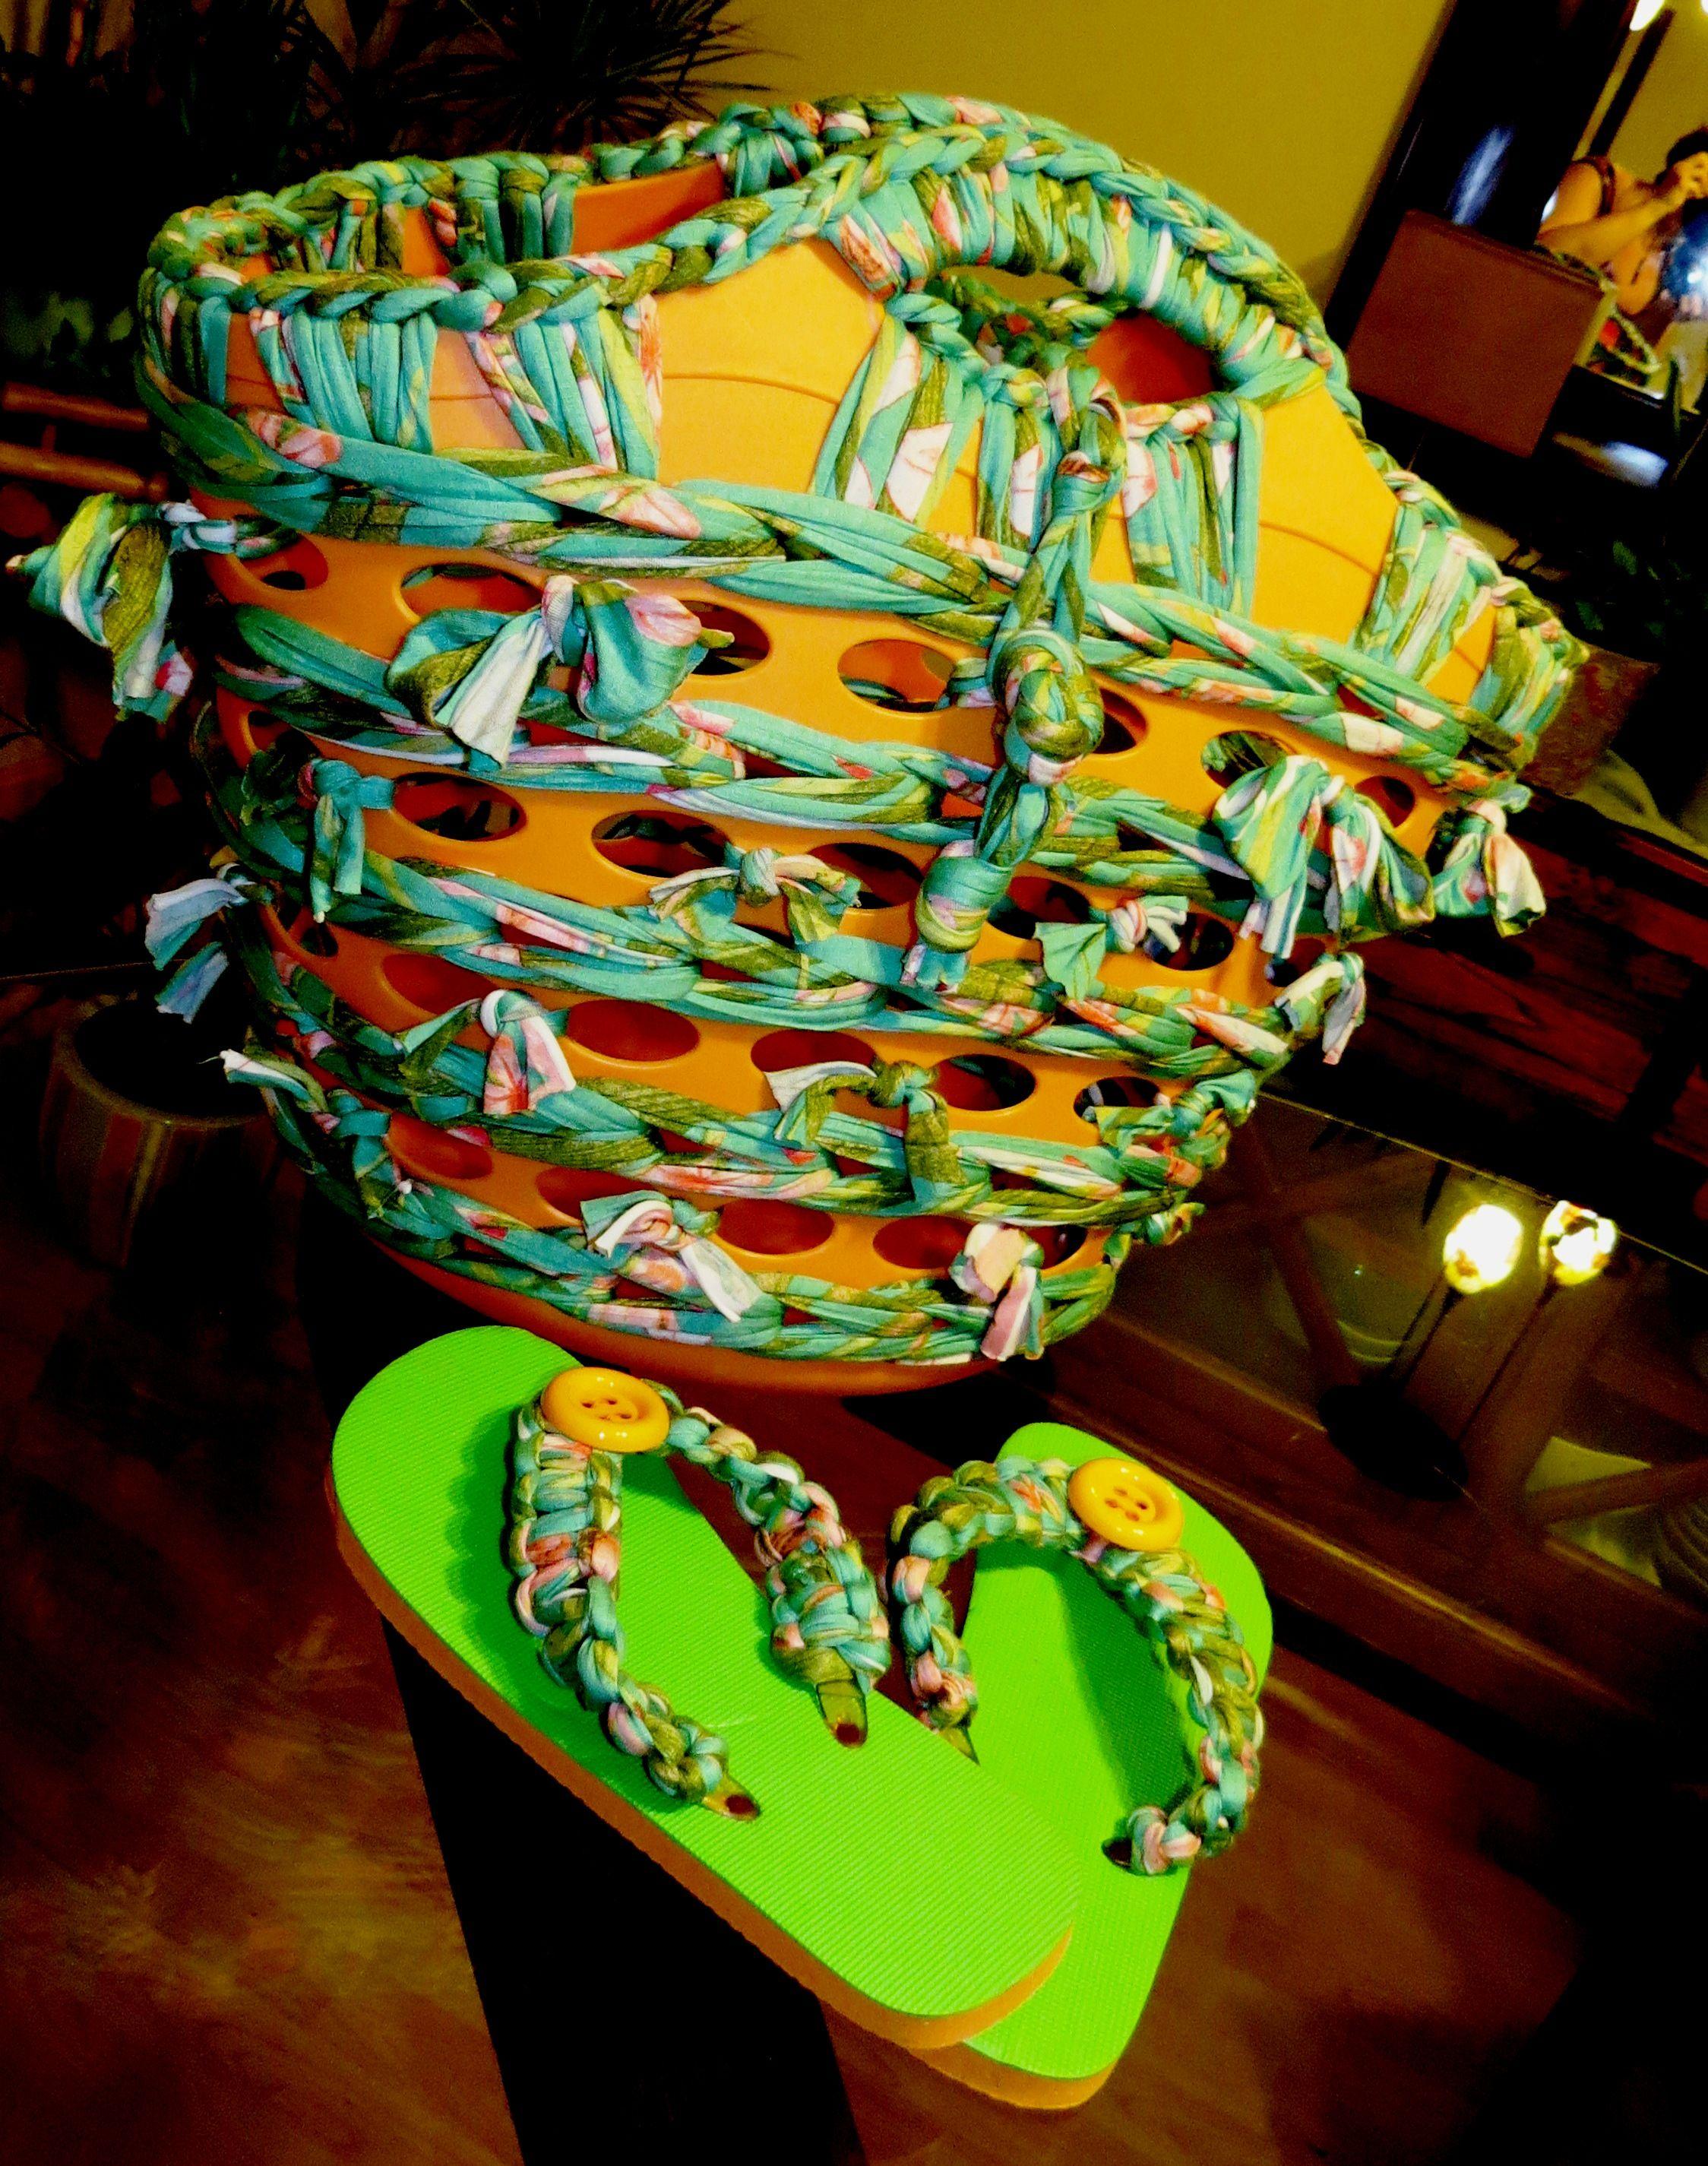 cesta de plástico y chanclas forradas en trapillo naranja y verde